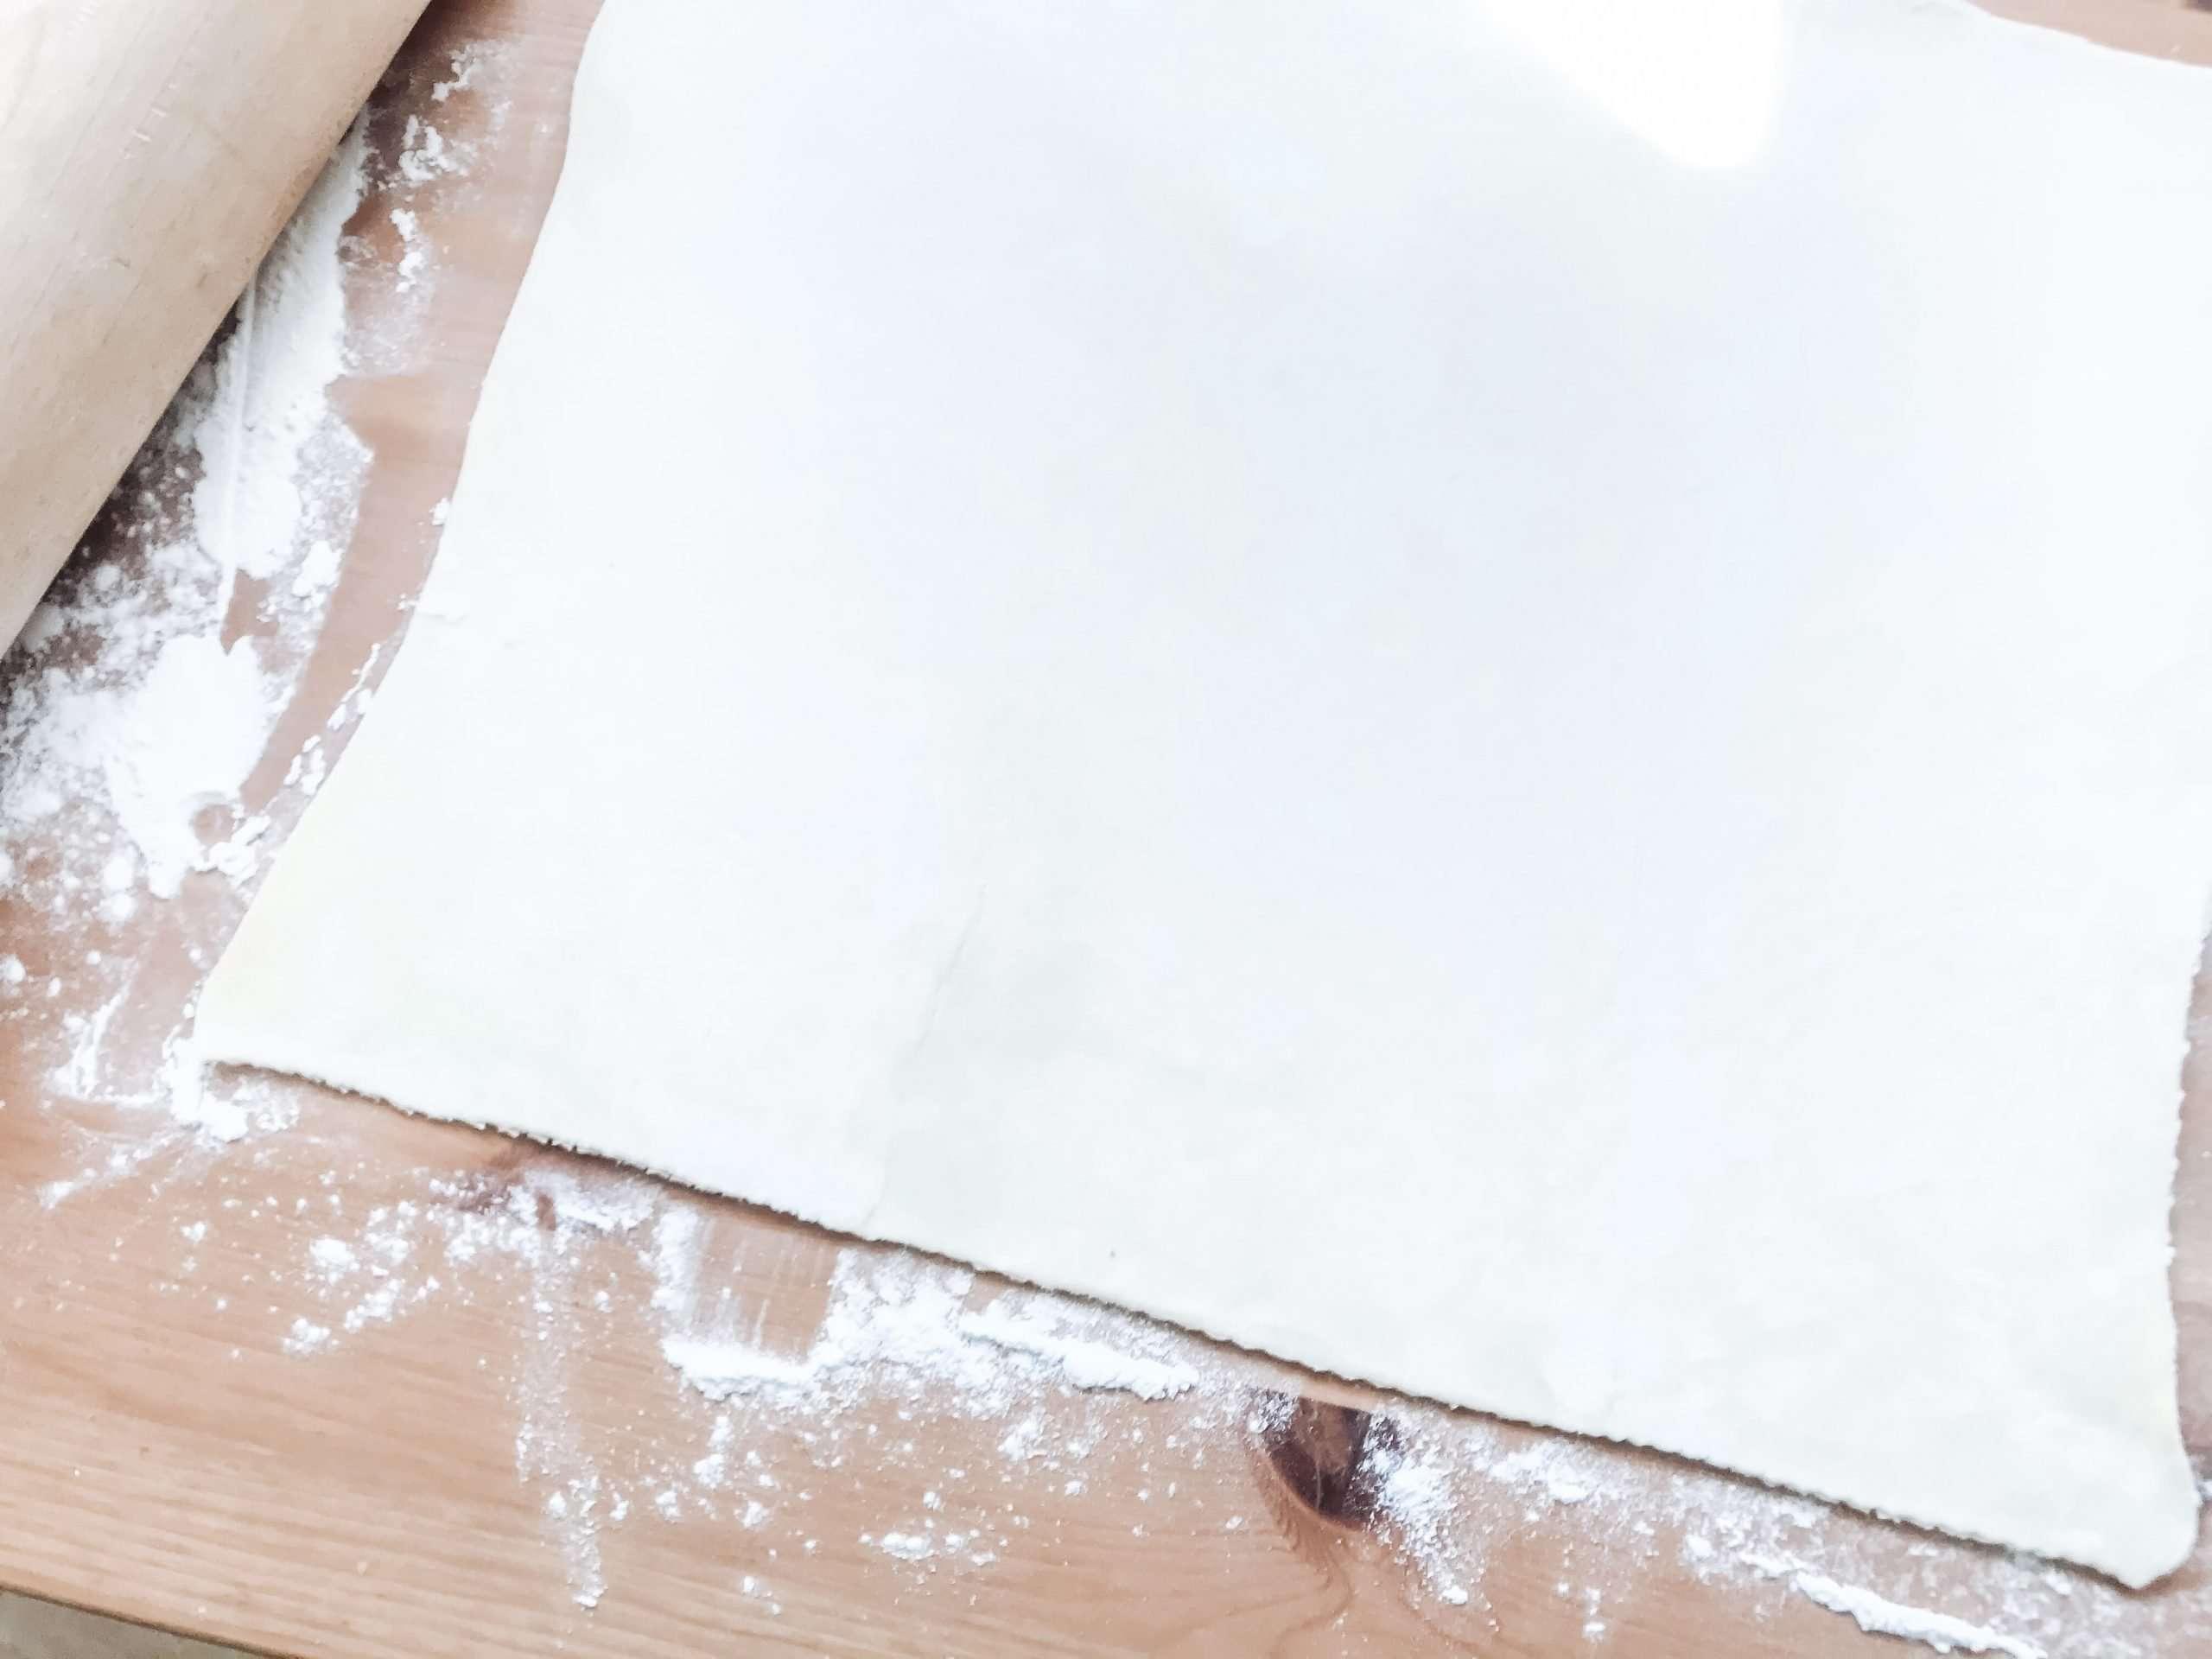 Warm Cheese Strudel Copycat Recipe